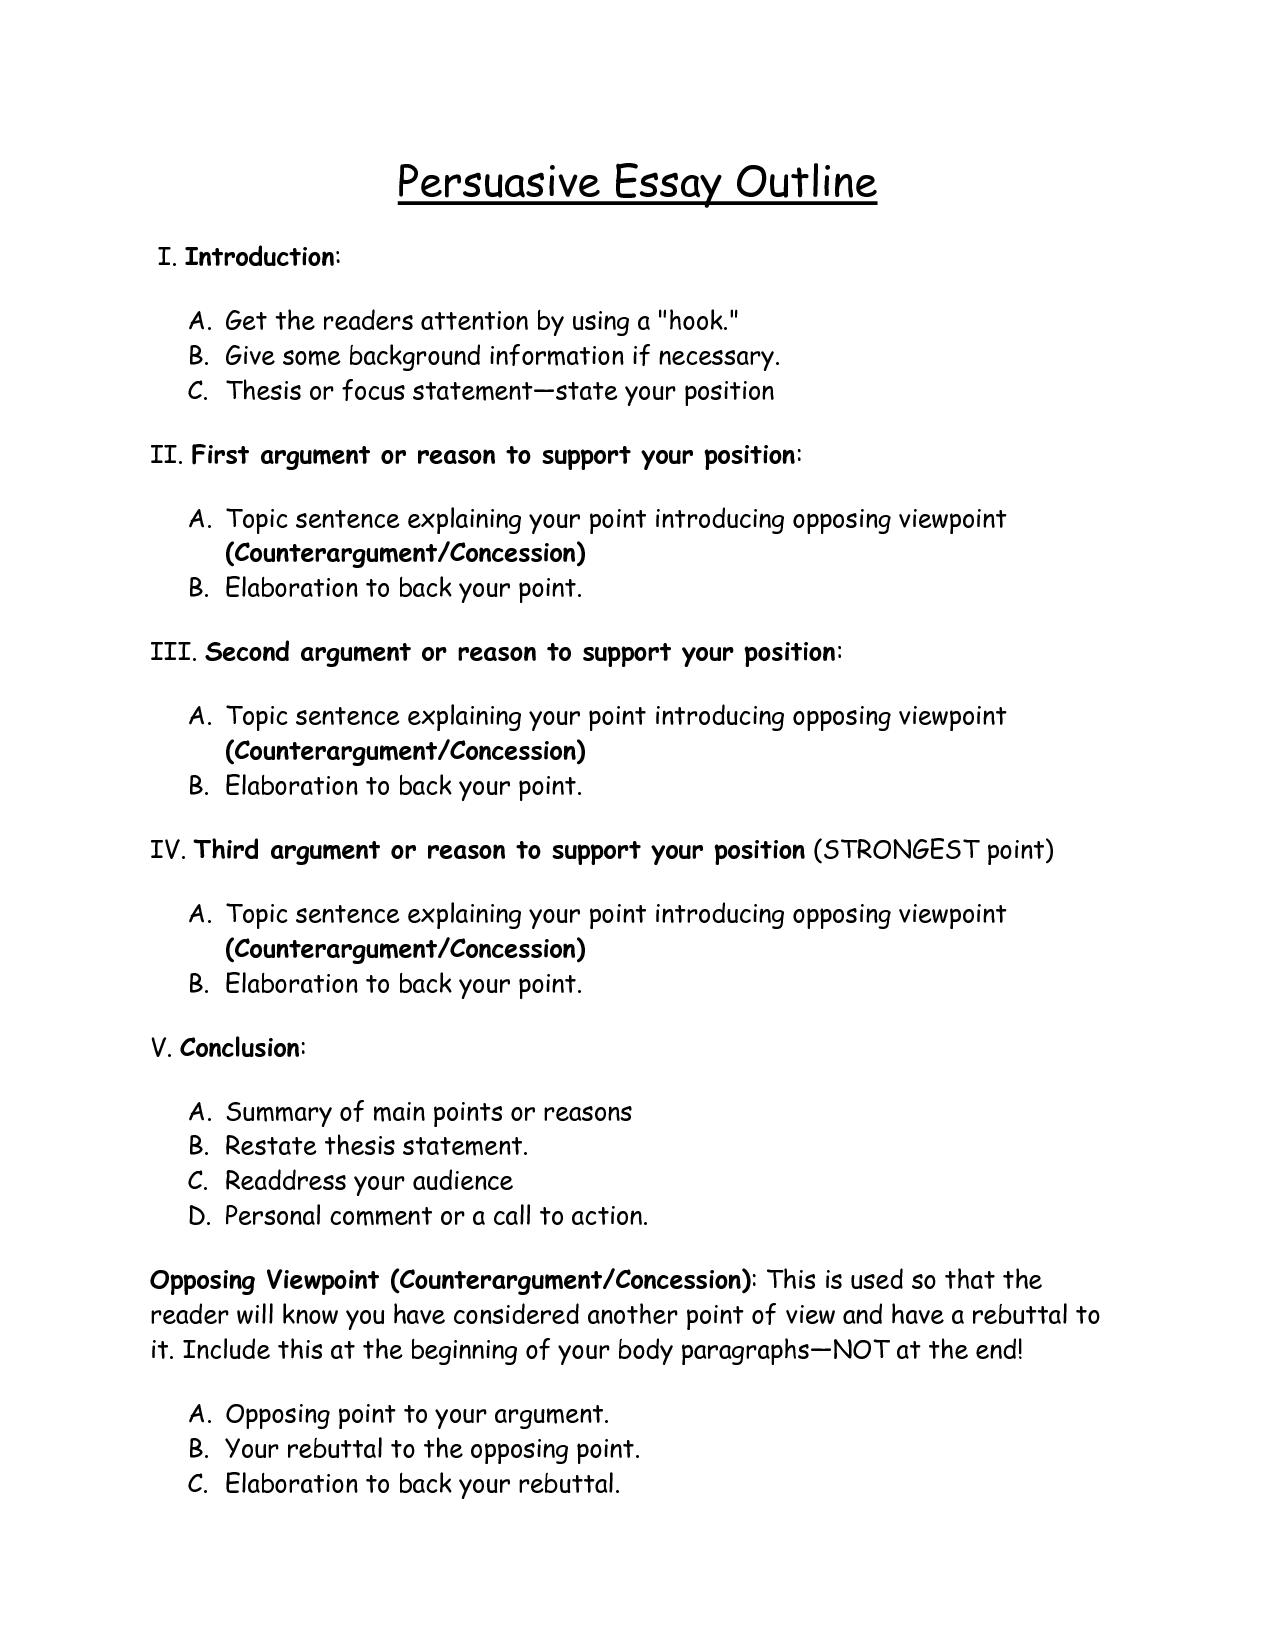 010 Outline Of Essay Persuasive Download As Doc Impressive Argumentative Sample Mla Format Full